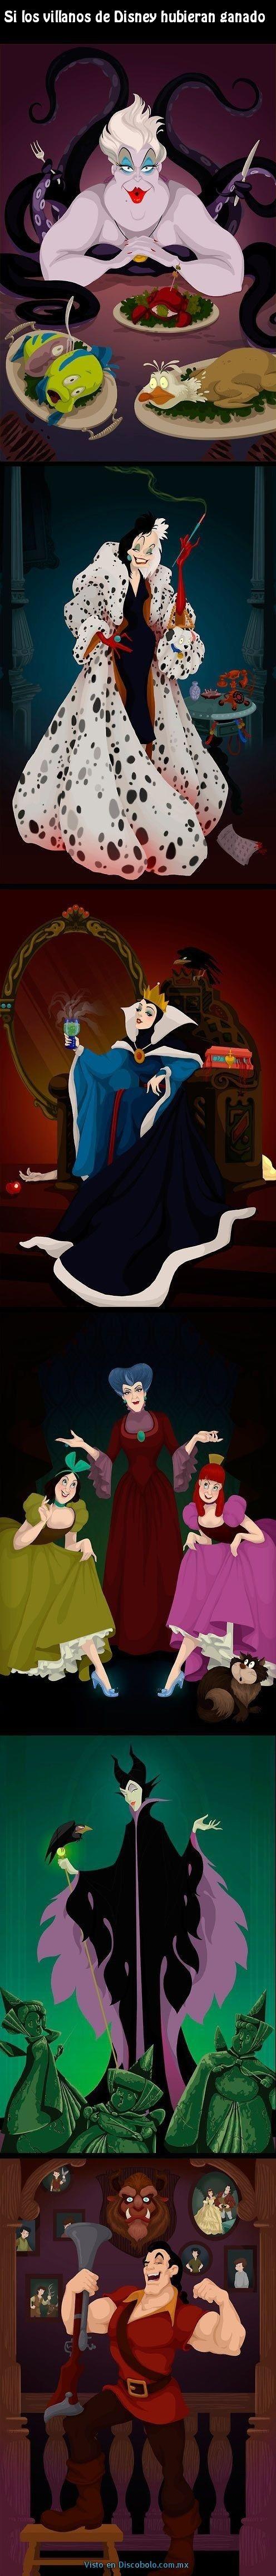 En una realidad alterna en la que los villanos de las famosas peliculas de Disney hubieran ganado su parte de la historia... cuales serian las consecuencias? Posts relacionados: Princesos de Disney Las fotografias que Disney no quiere que vean: los famosos... Los videojuegos en realidad Un dibujo representando lo que pasaria si un videojuego en... Las consecuencias de un baile ¿Las mujeres verán asi su vida al ser invitadas a... El lado oscuro de los personajes de Disney En el mundo del...